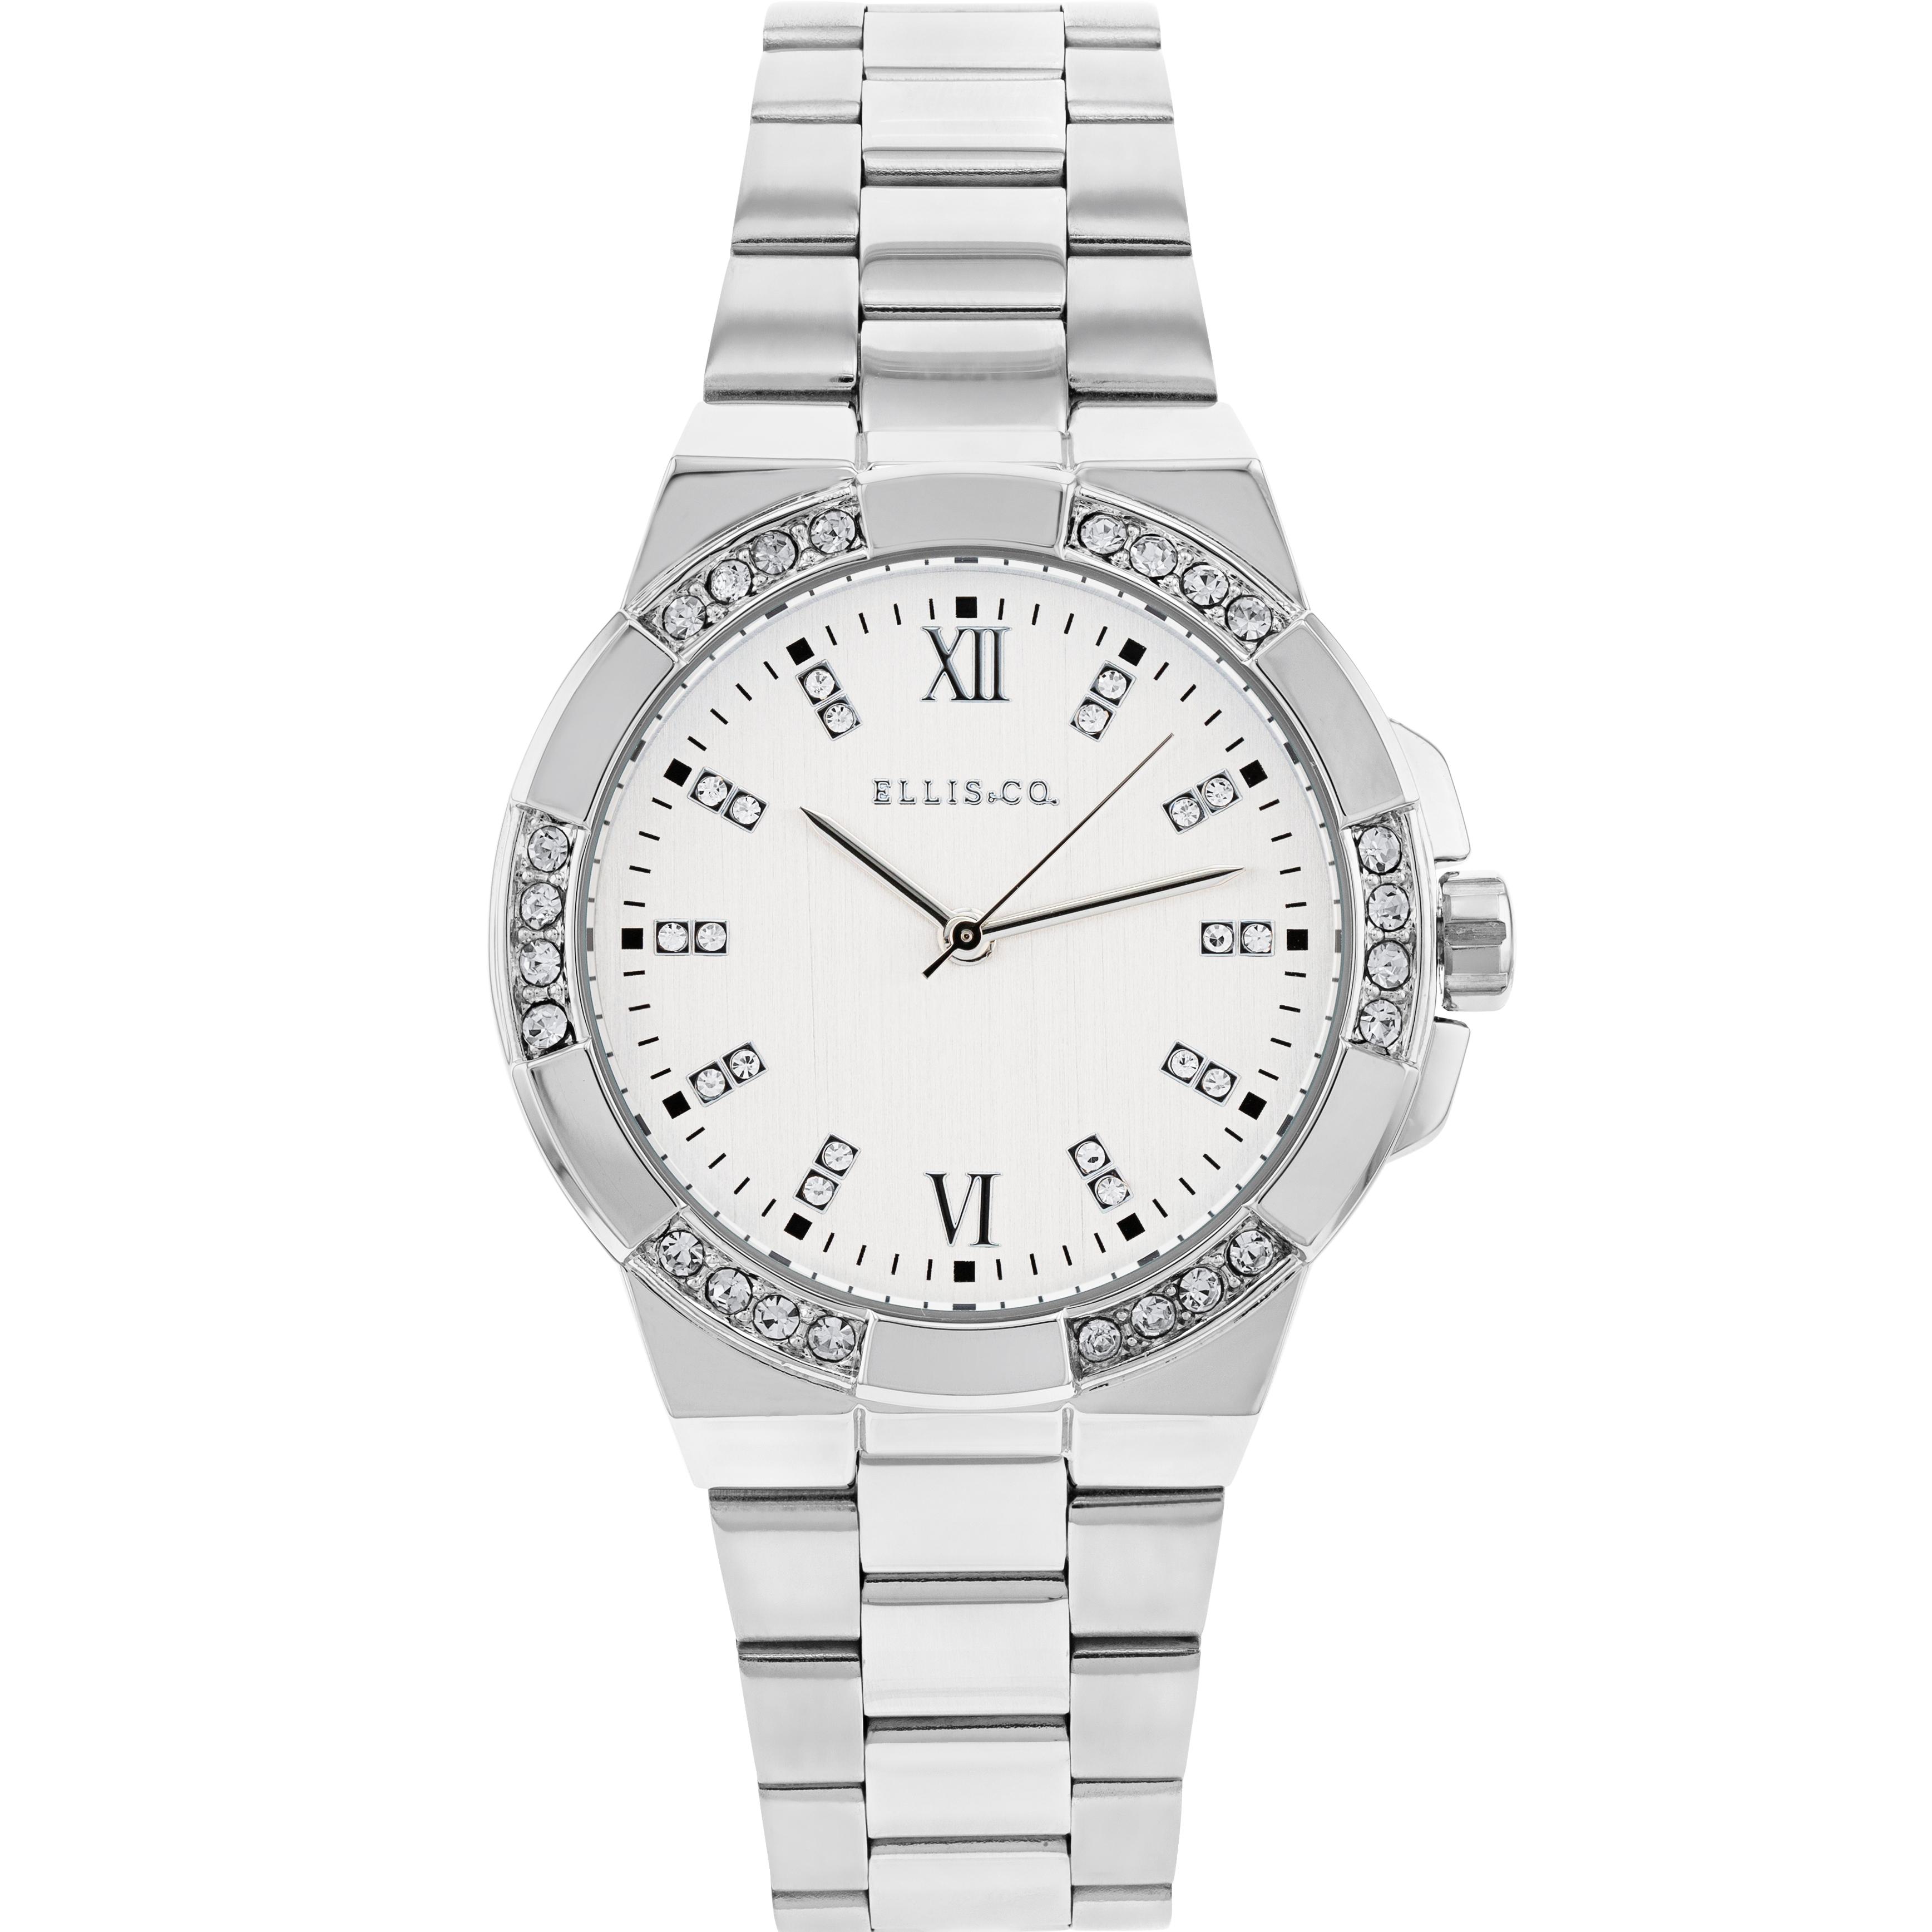 Ellis & Co 'Alysa' Women's Watch